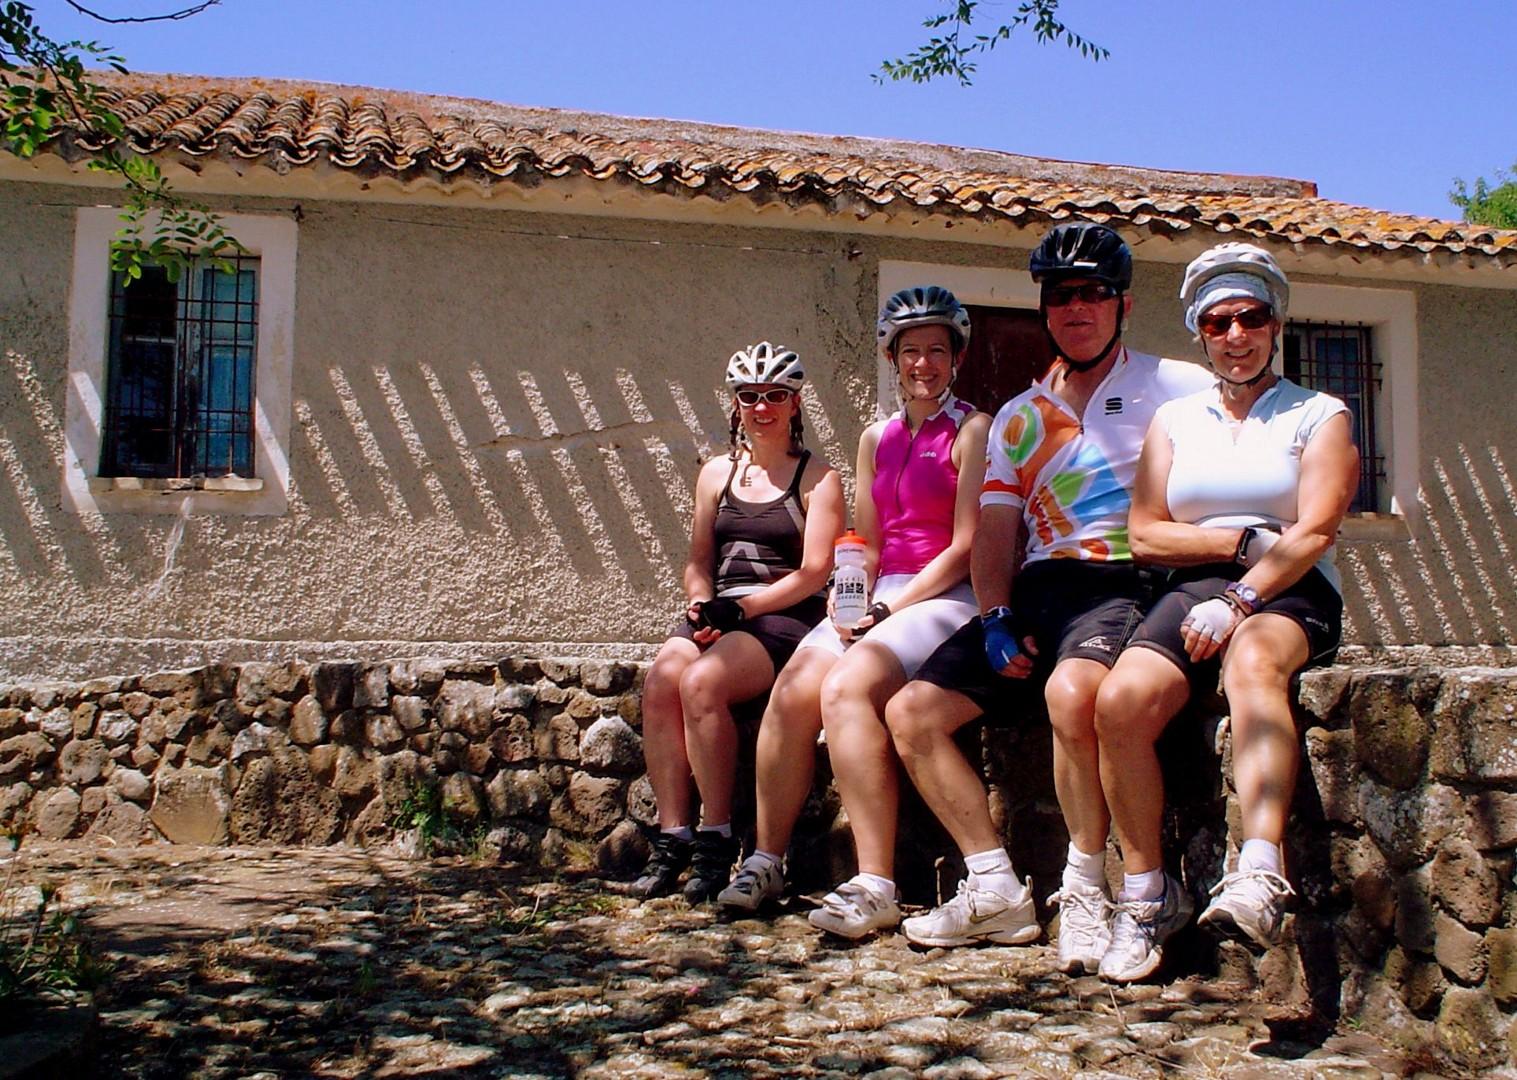 arutas-sardinia-leisure-cycling-holiday.jpg - Italy - Sardinia - West Coast Wonders - Self-Guided Leisure Cycling Holiday - Leisure Cycling